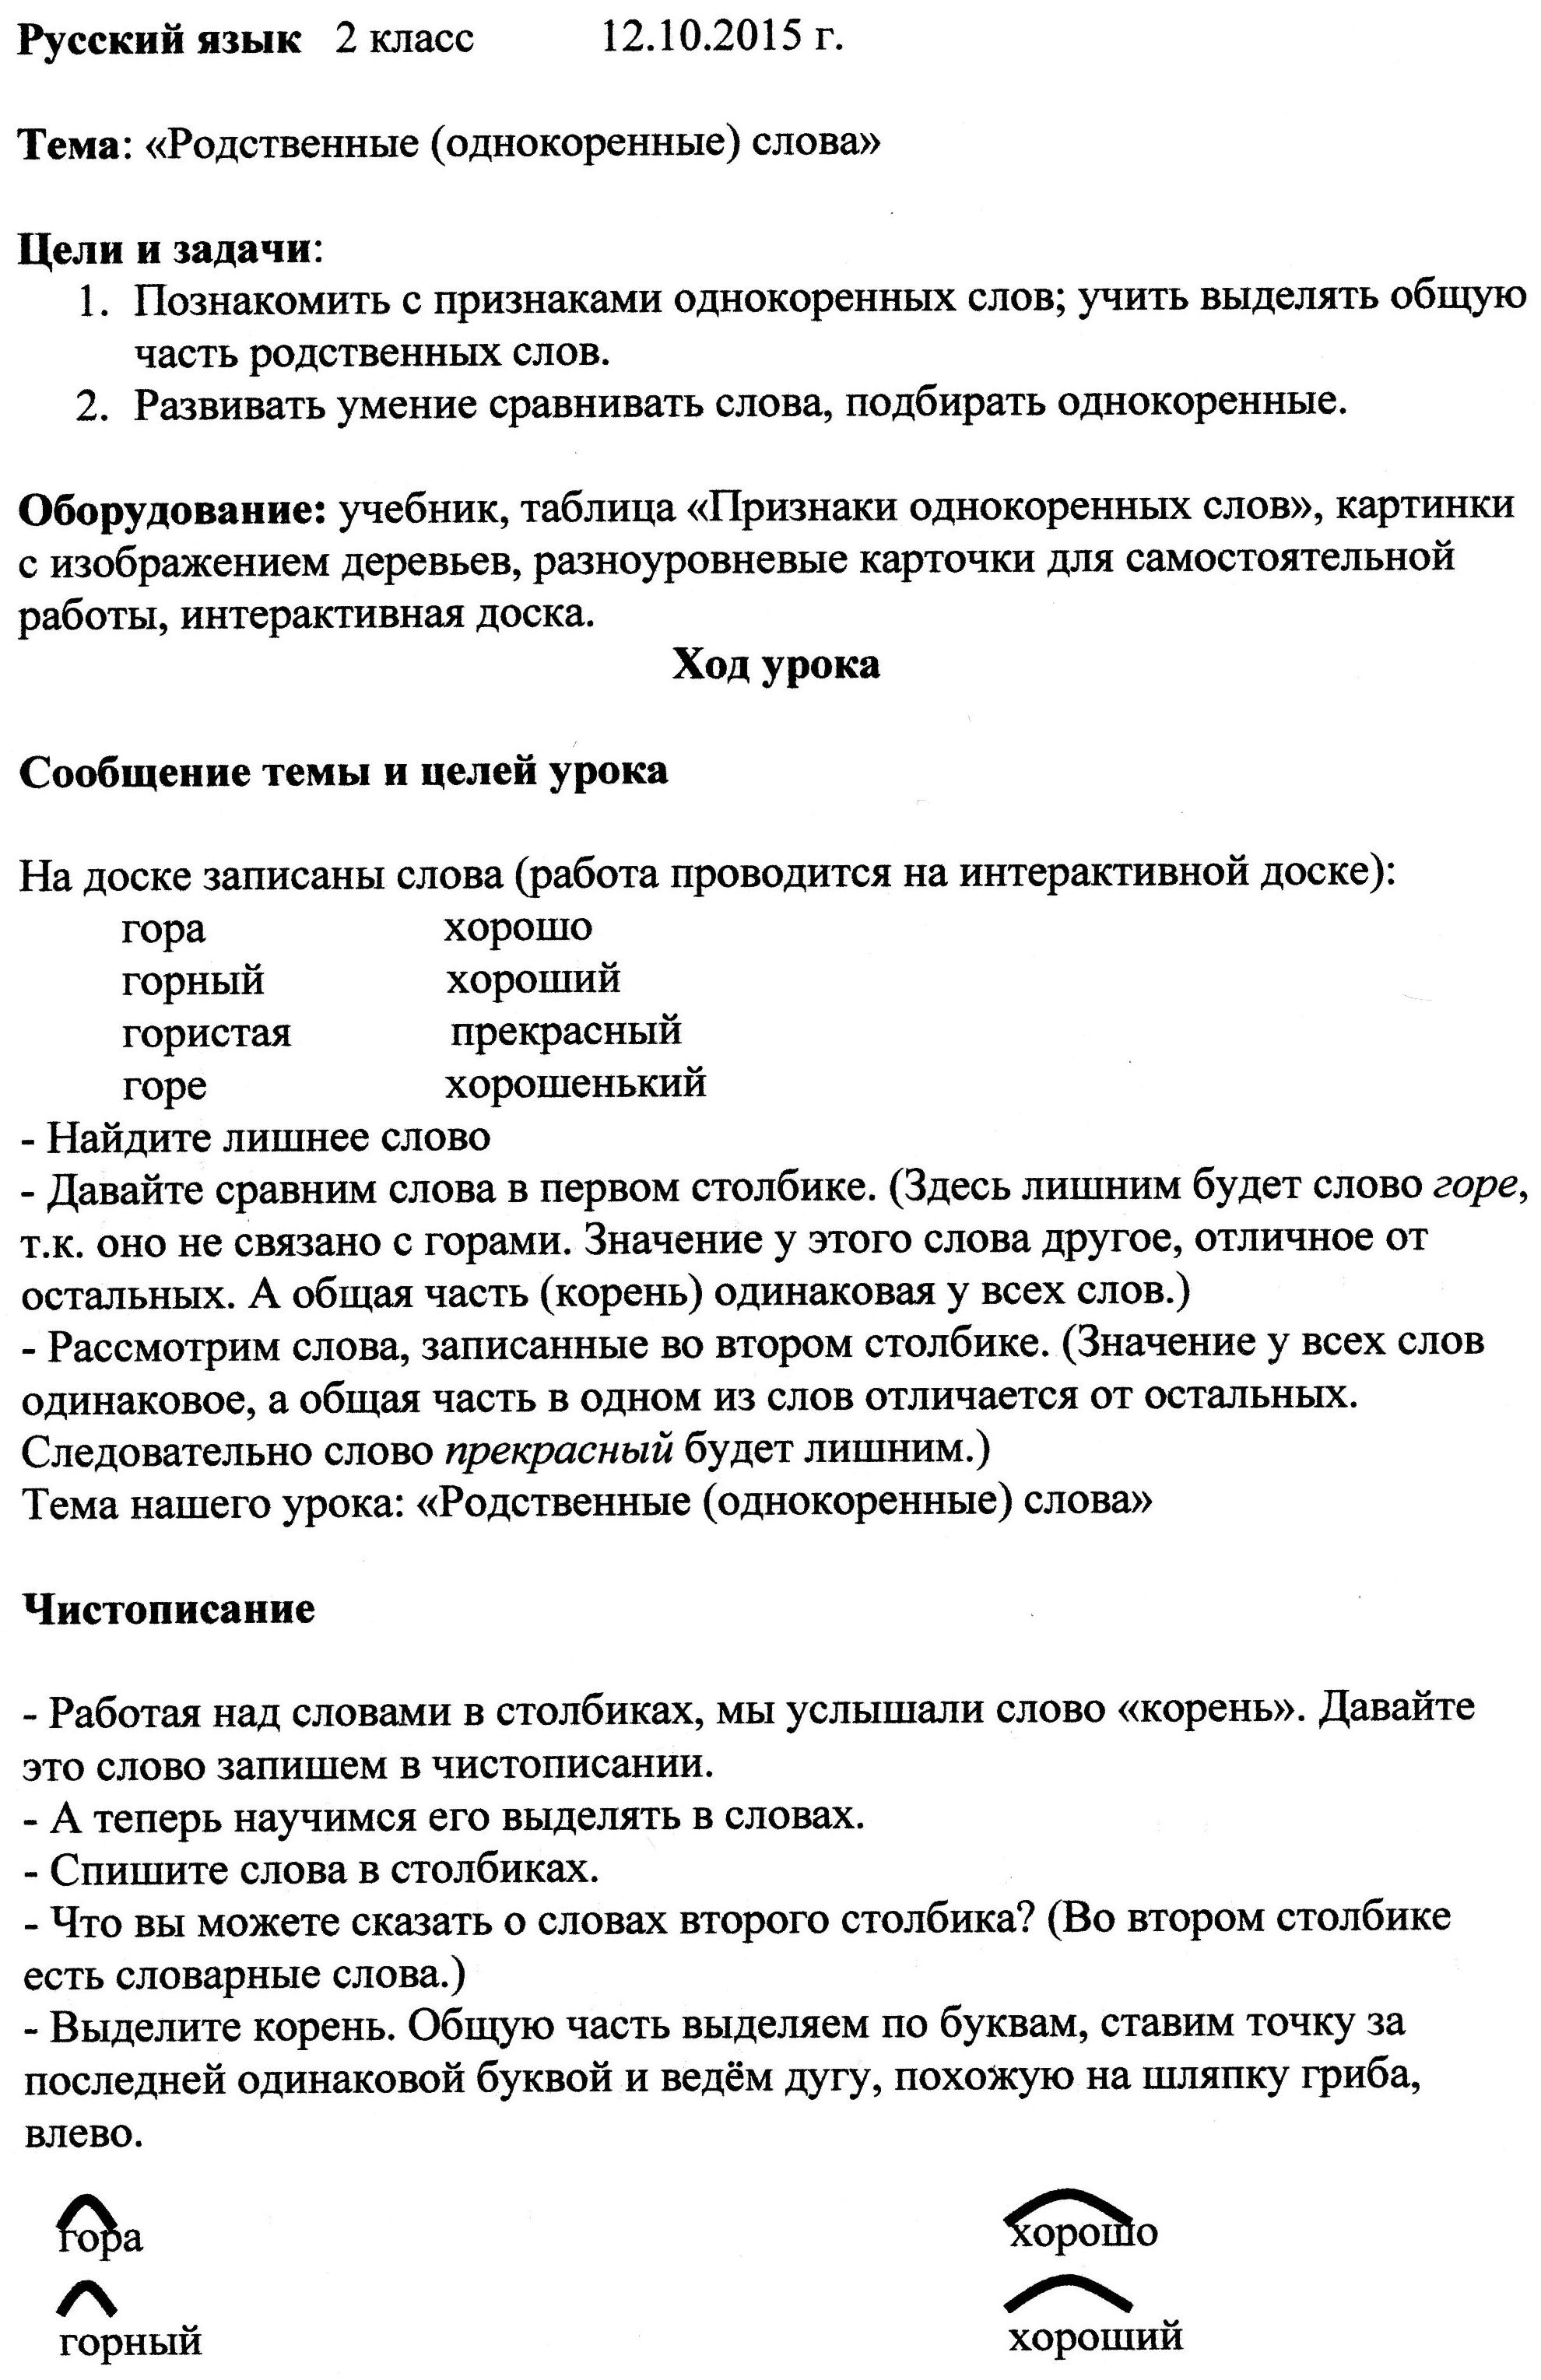 D:\курсы повышения квалификации\Галина\img228.jpg